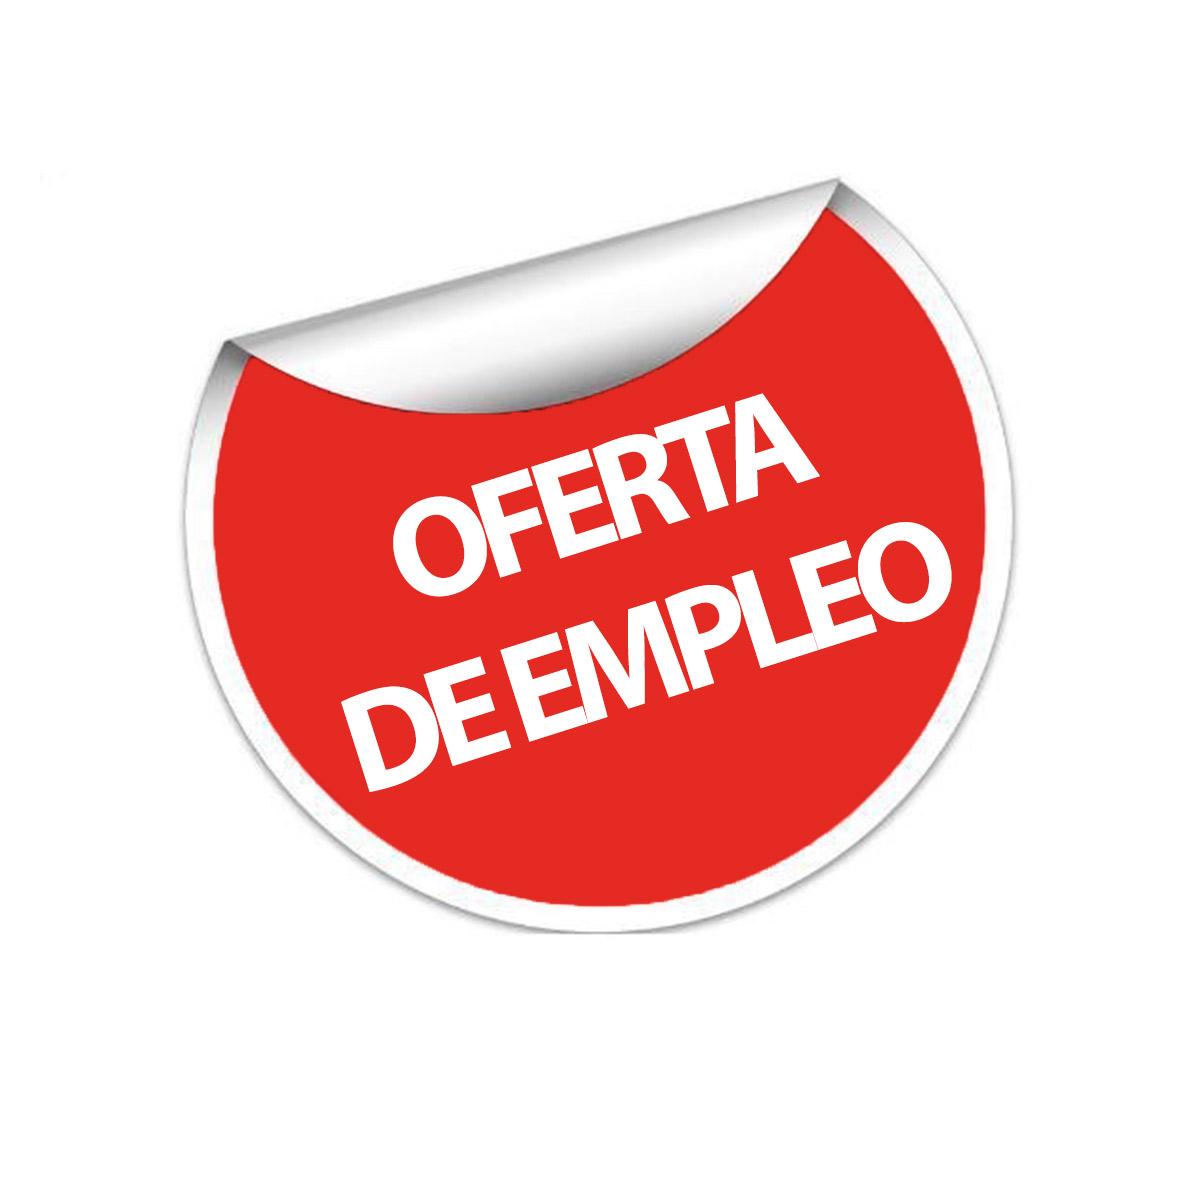 Oferta de empleo cooperativa macotera - Ofertas de empleo en navarra ...